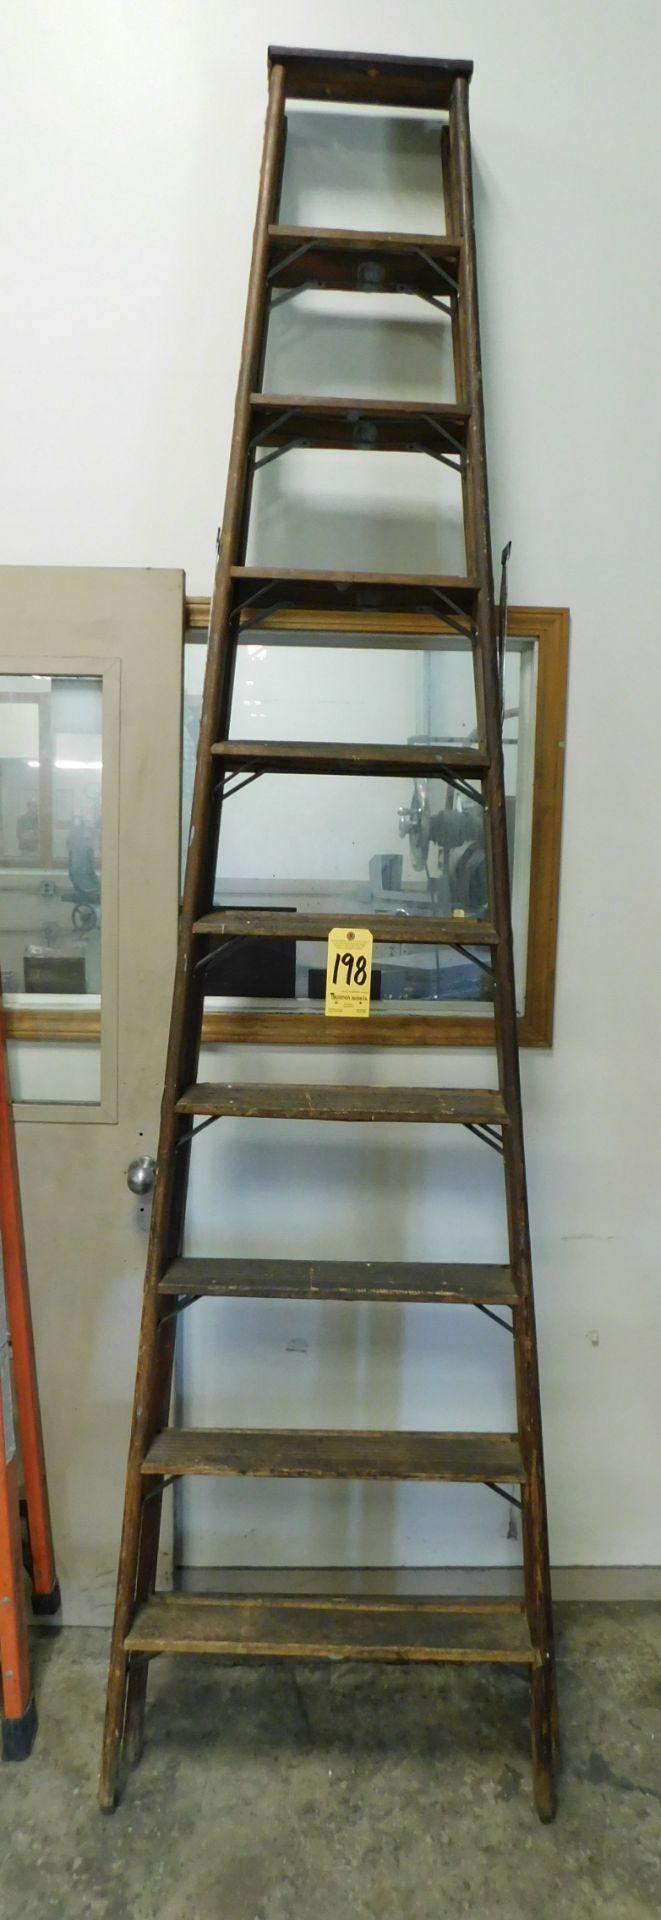 Lot 198 - Wooden Step Ladder, 10 Ft.